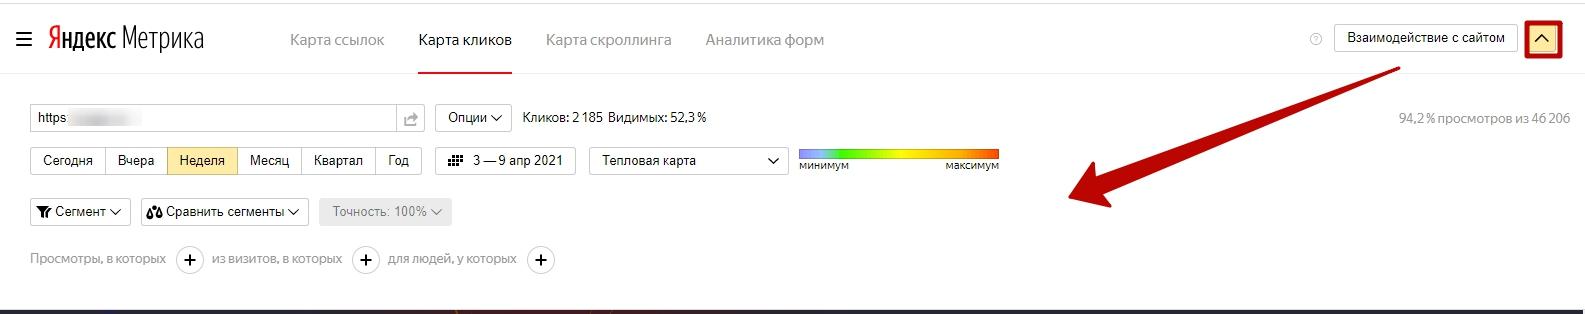 Как анализировать Яндекс Метрику – параметры карт ссылок и кликов